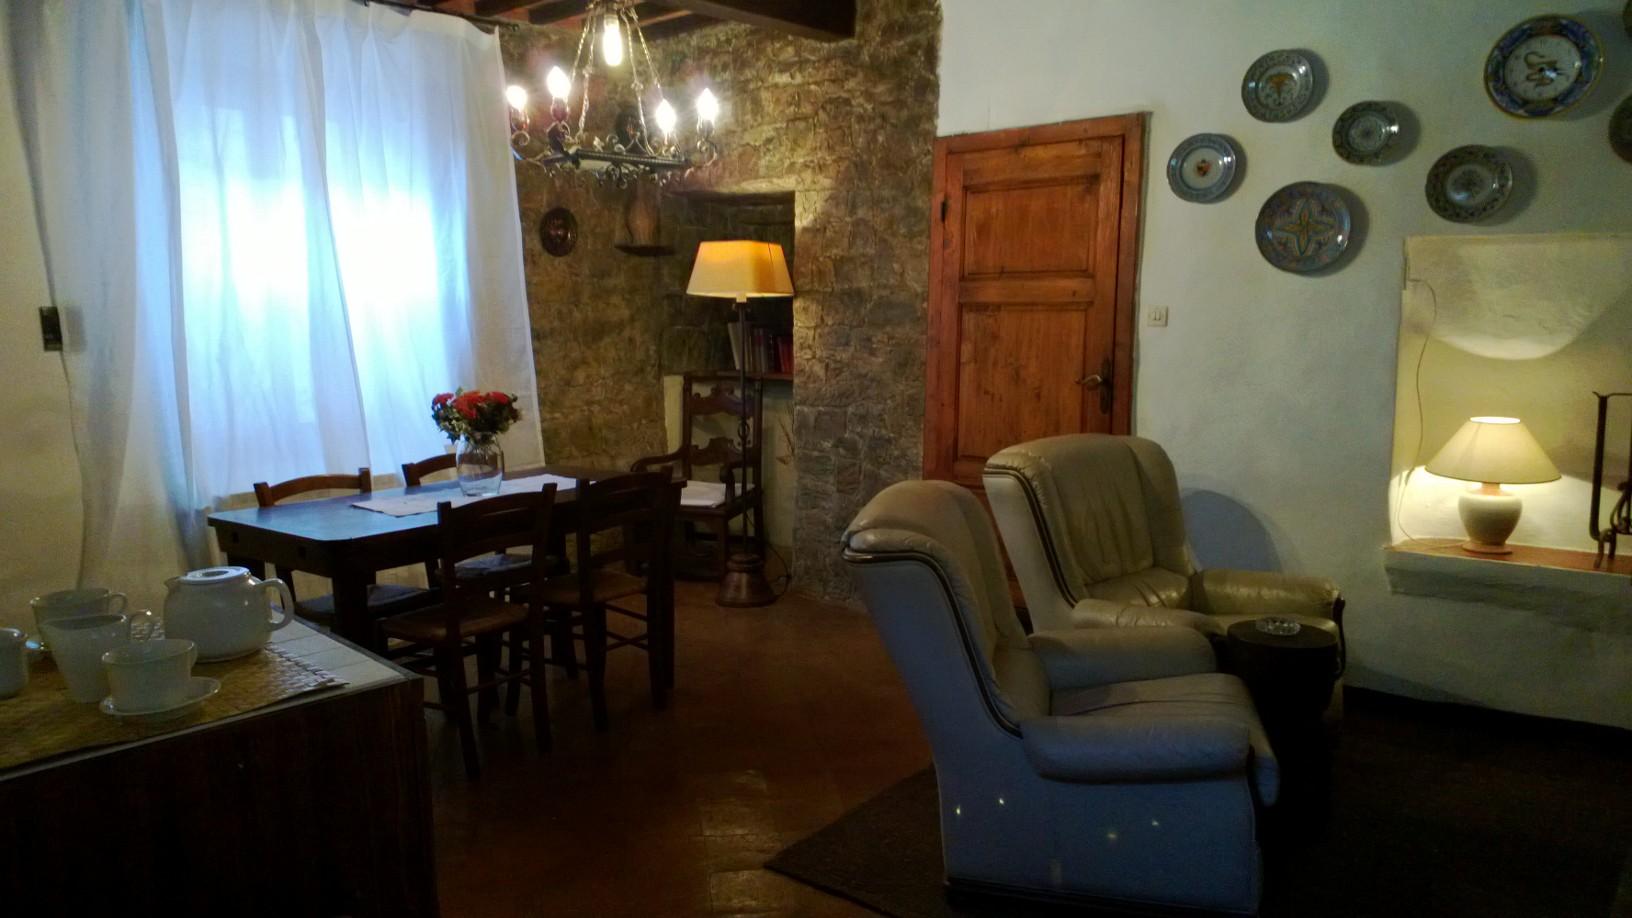 Affitto Casa vacanze Campagna Rocca d'orcia comune Castiglione d'orcia